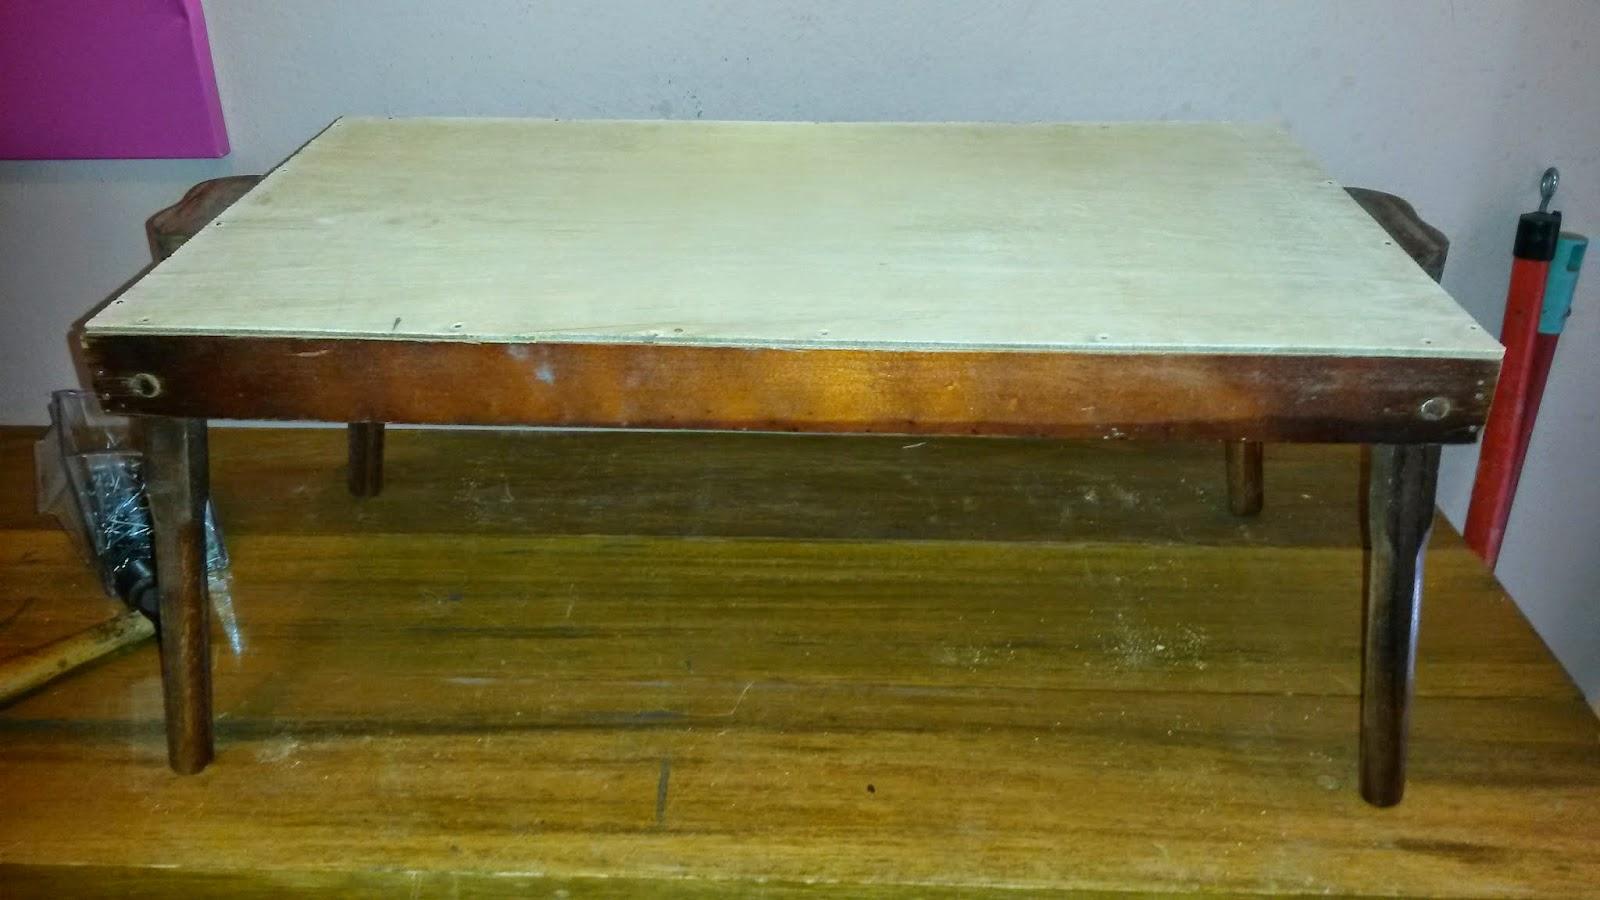 Oficina do Quintal: Como fazer uma bancada para Tupia #614813 1600x900